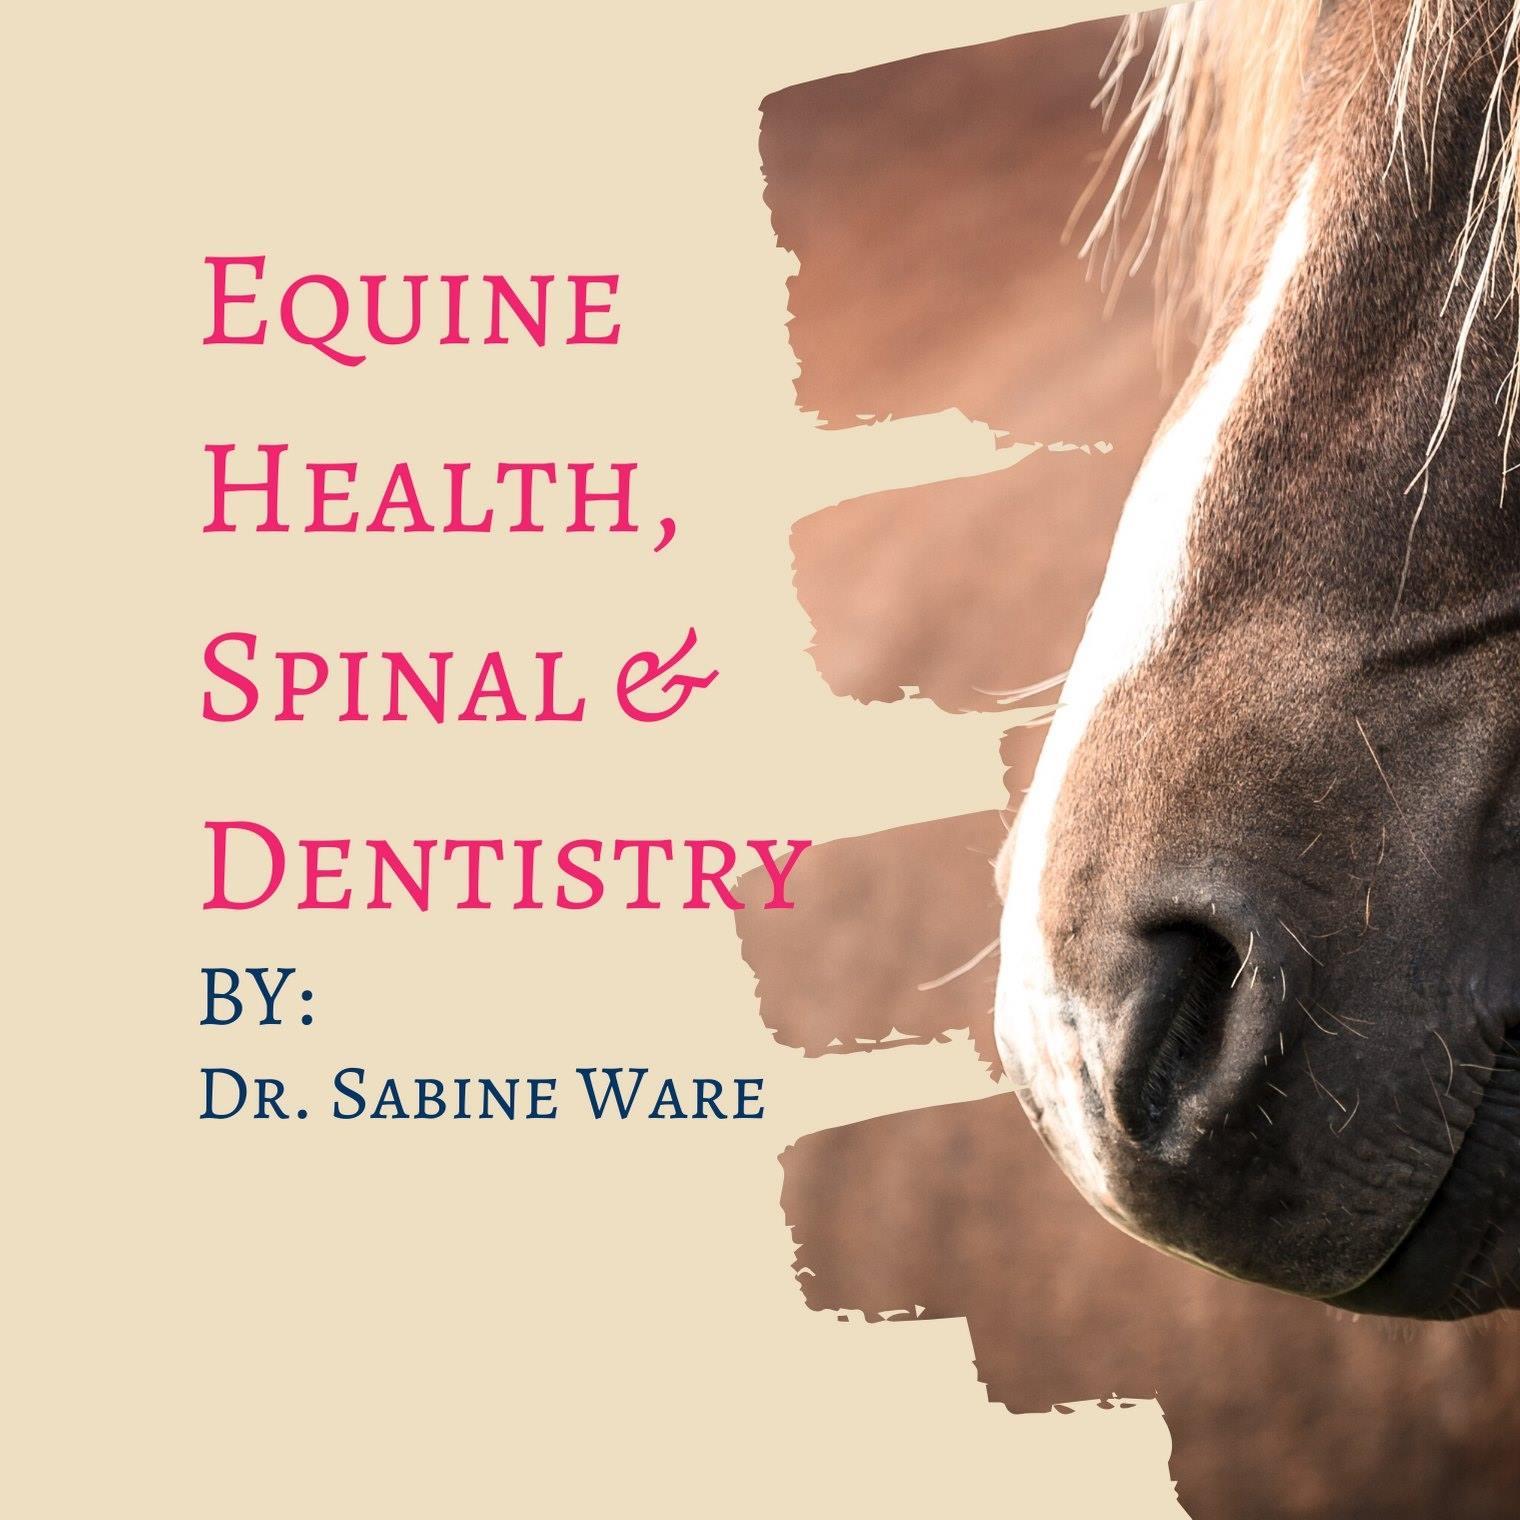 Dr Sabine Ware